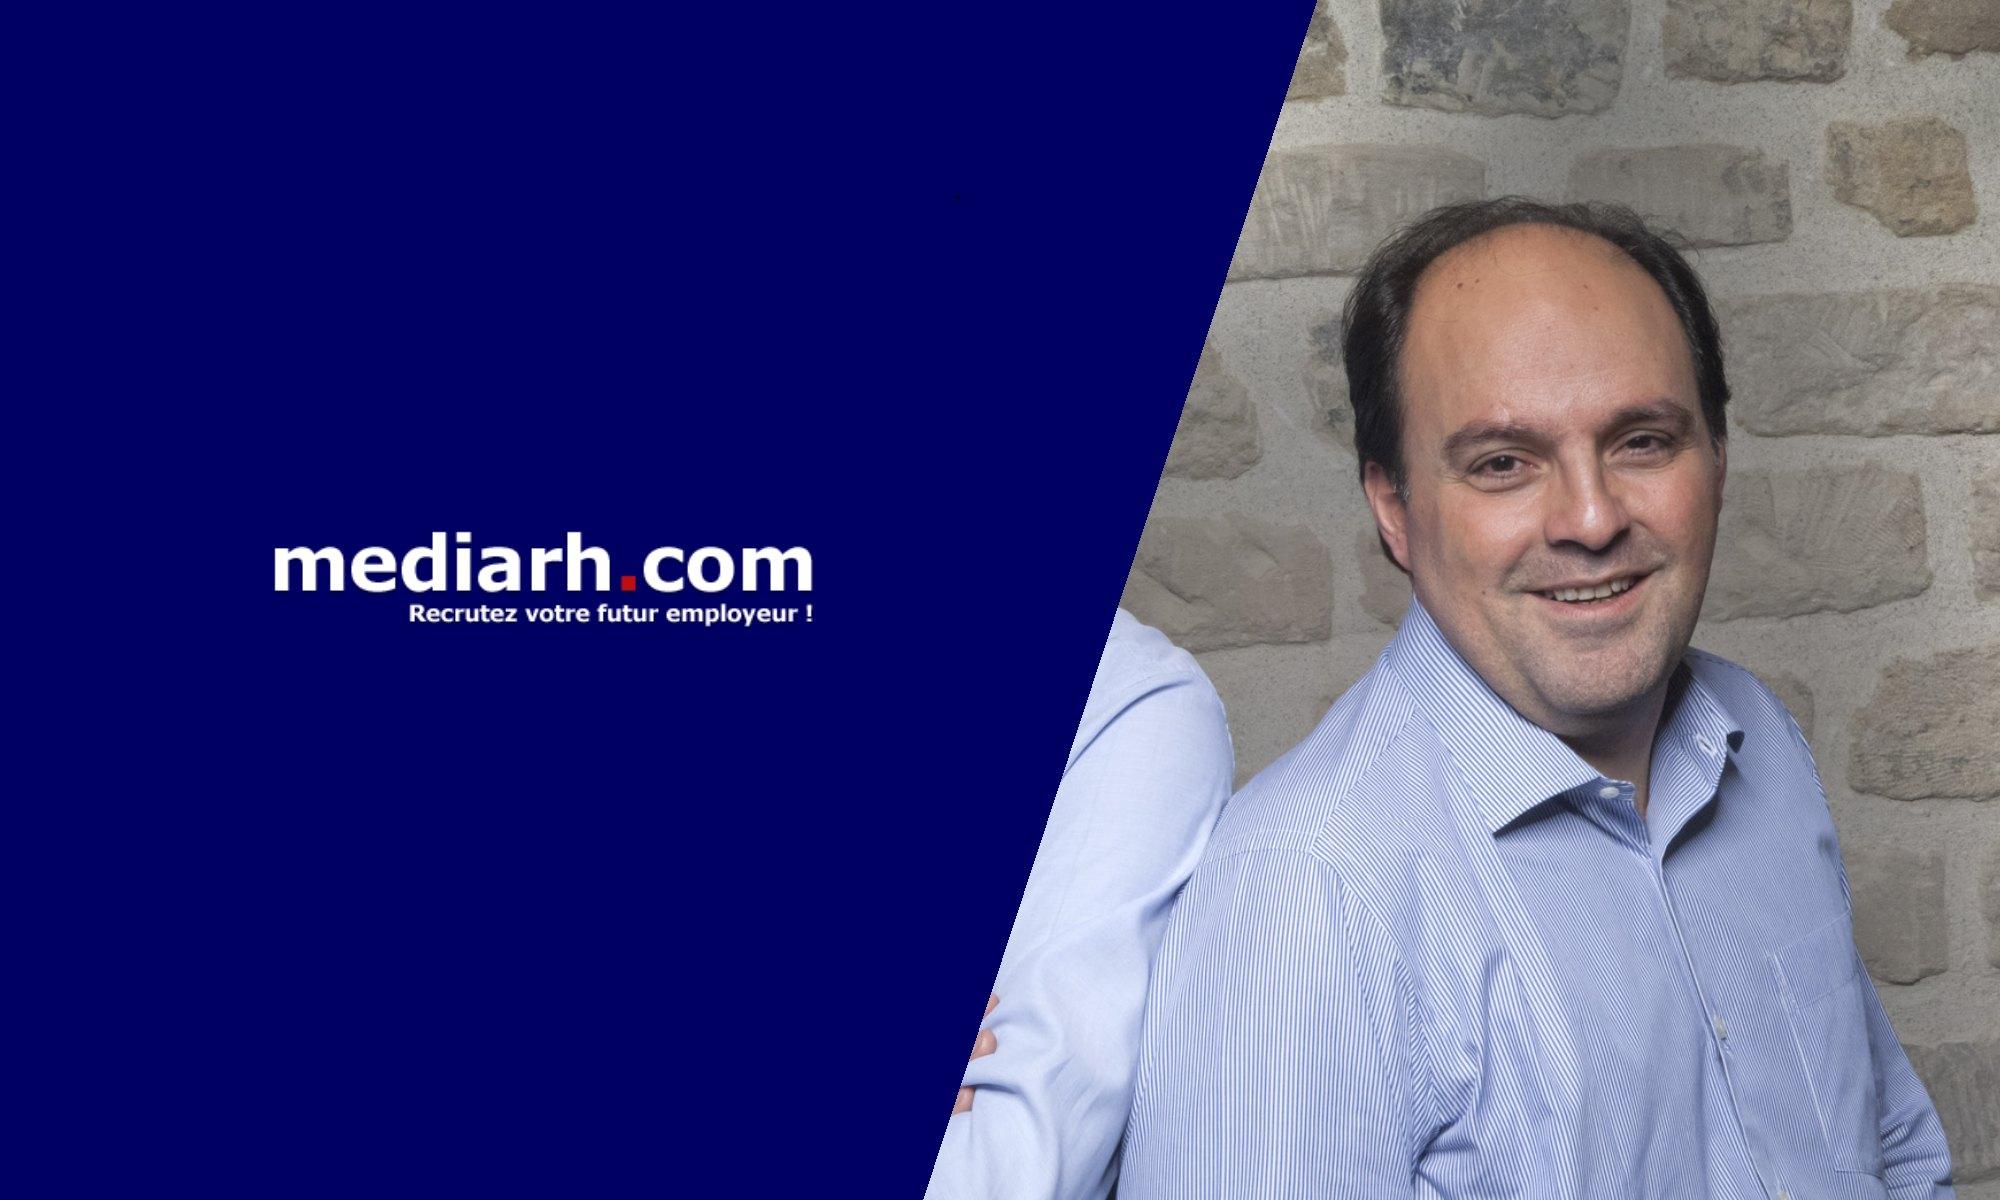 Cinq questions à Georges Aoun mediaRH - Concilio